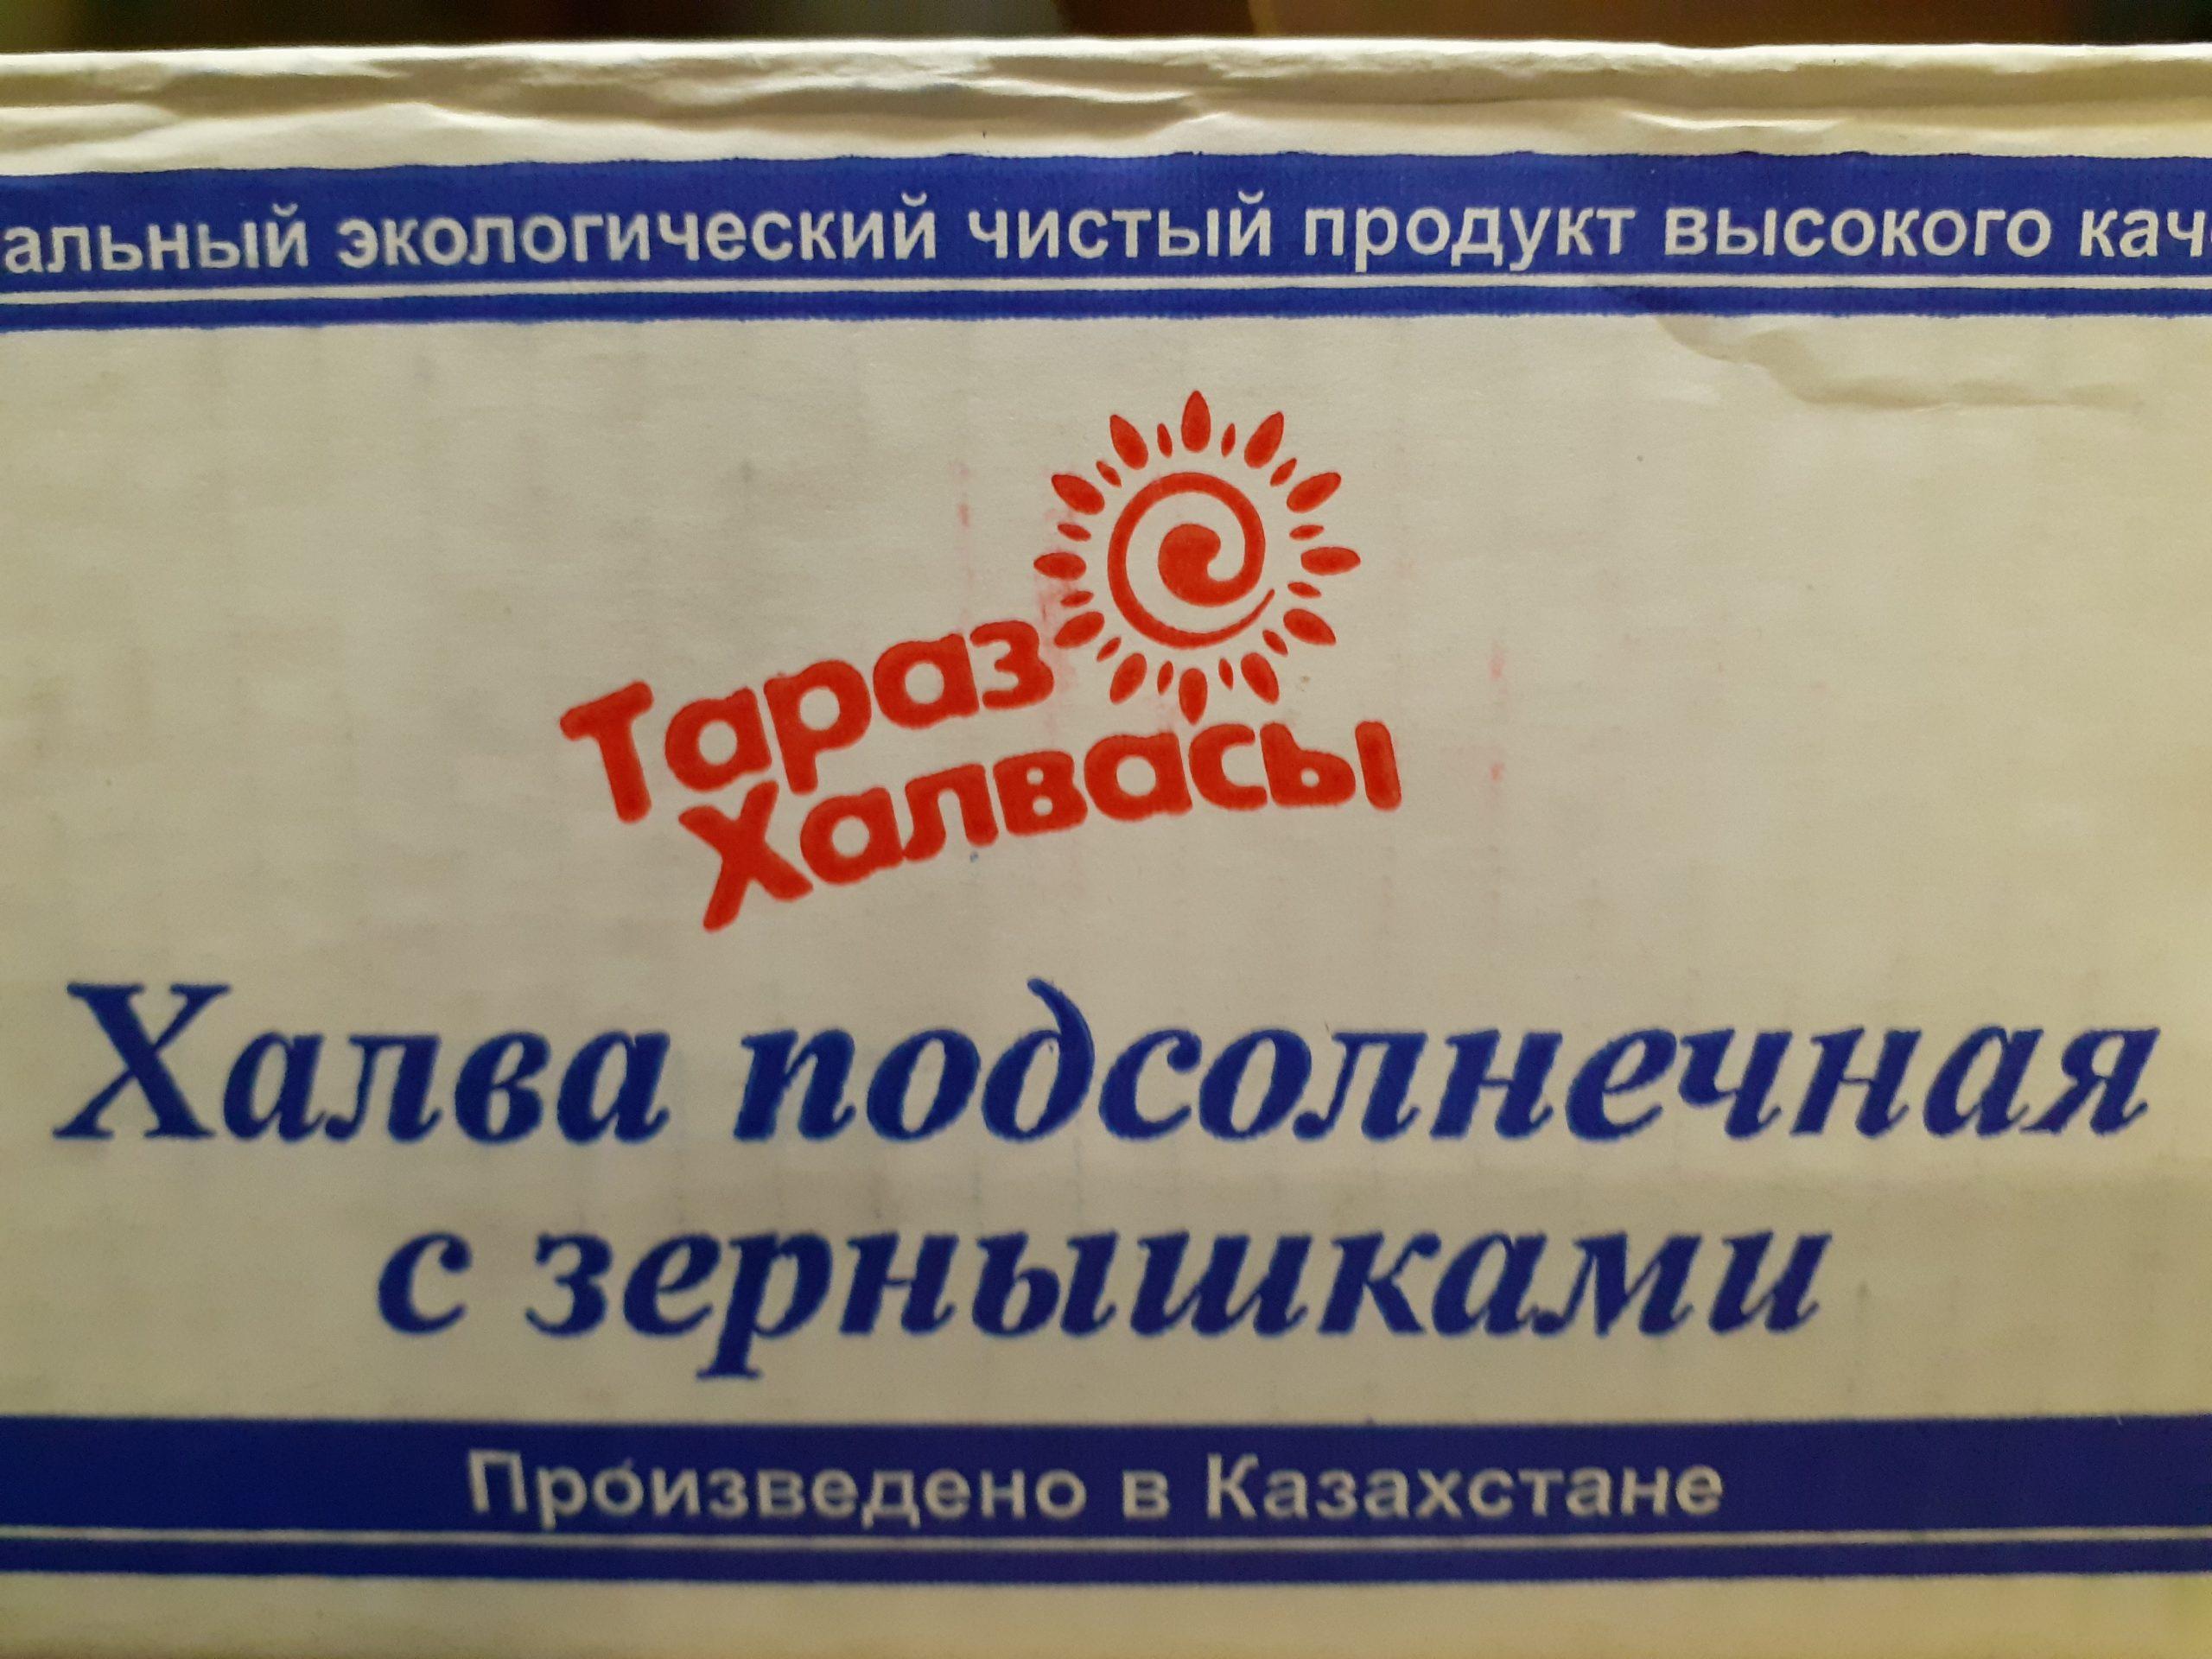 Халва подсолнечная с зернышками 5 кг (Тараз)